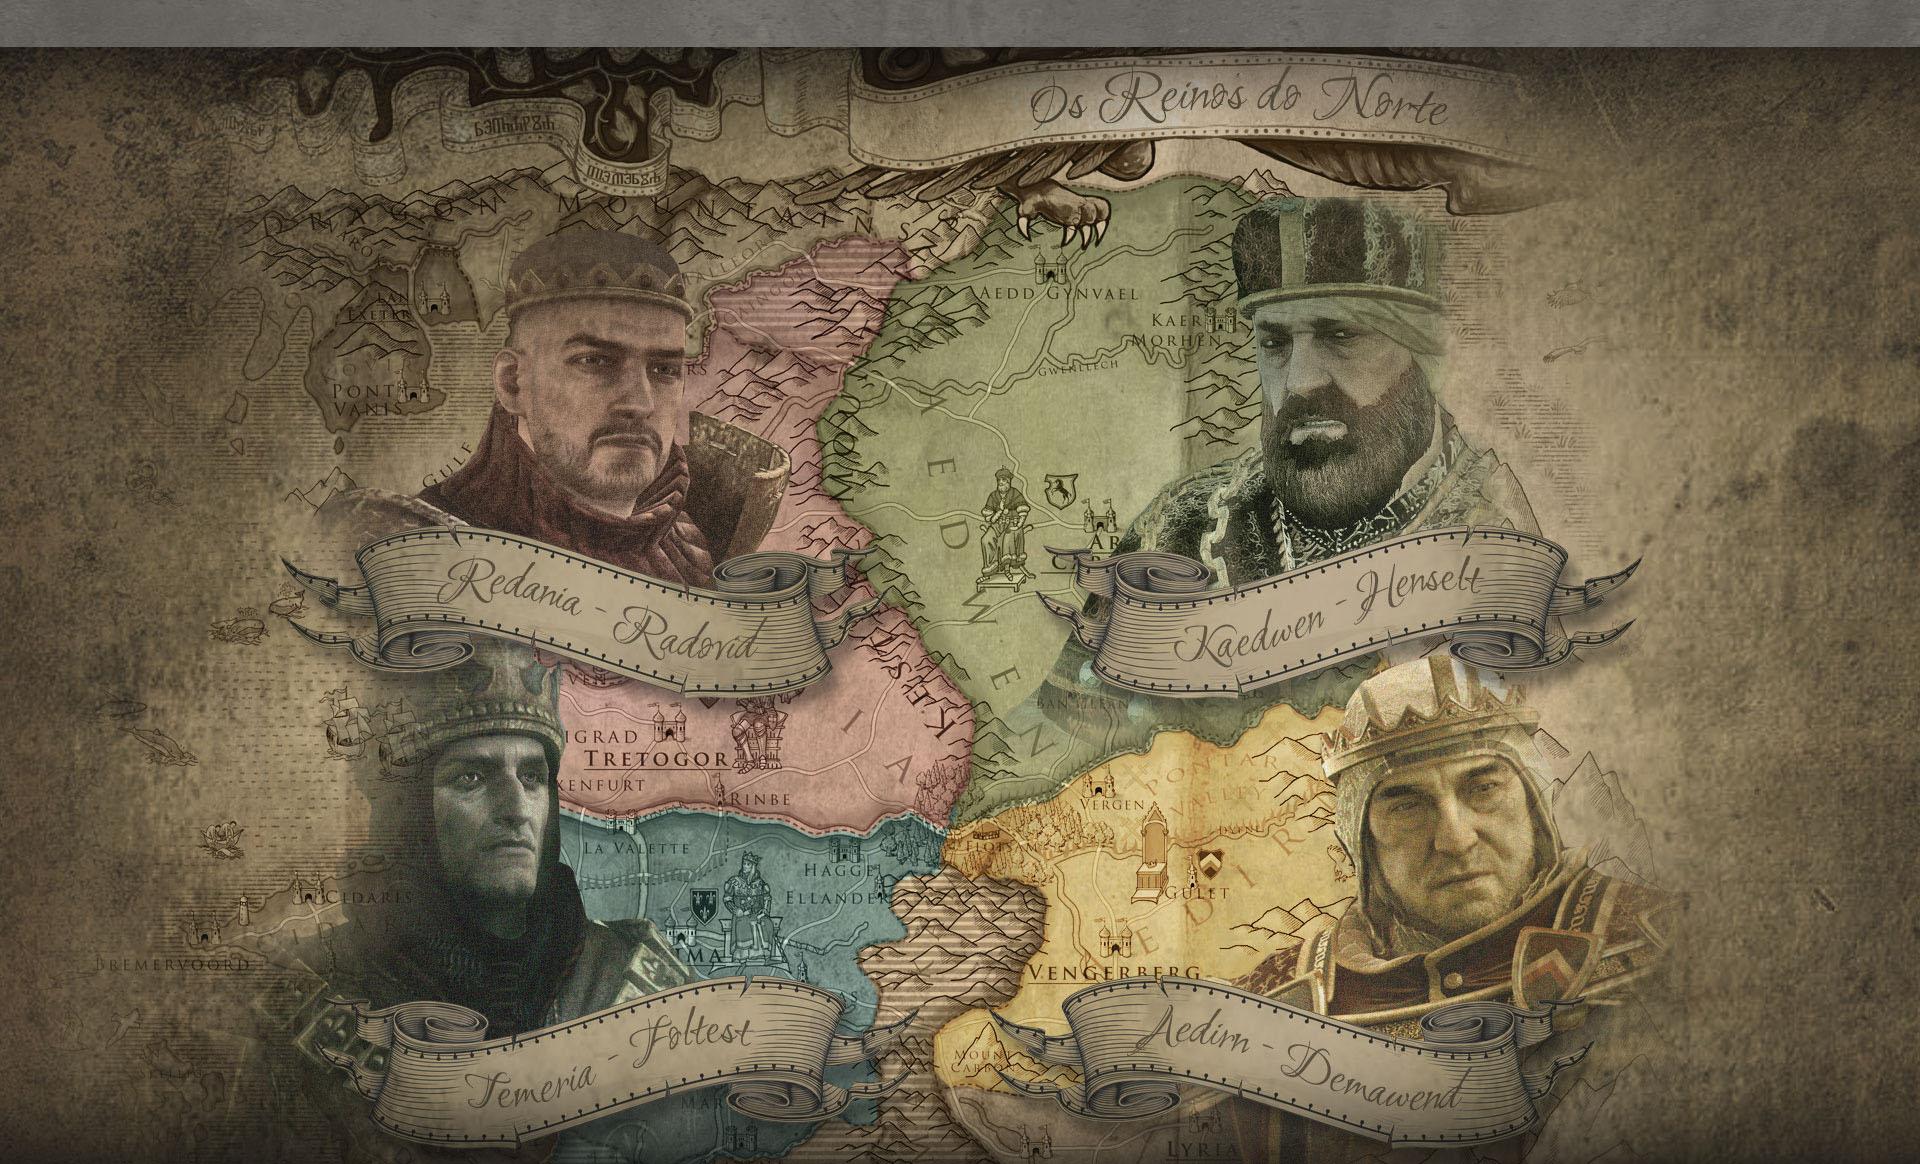 Mapa do Reino do Norte